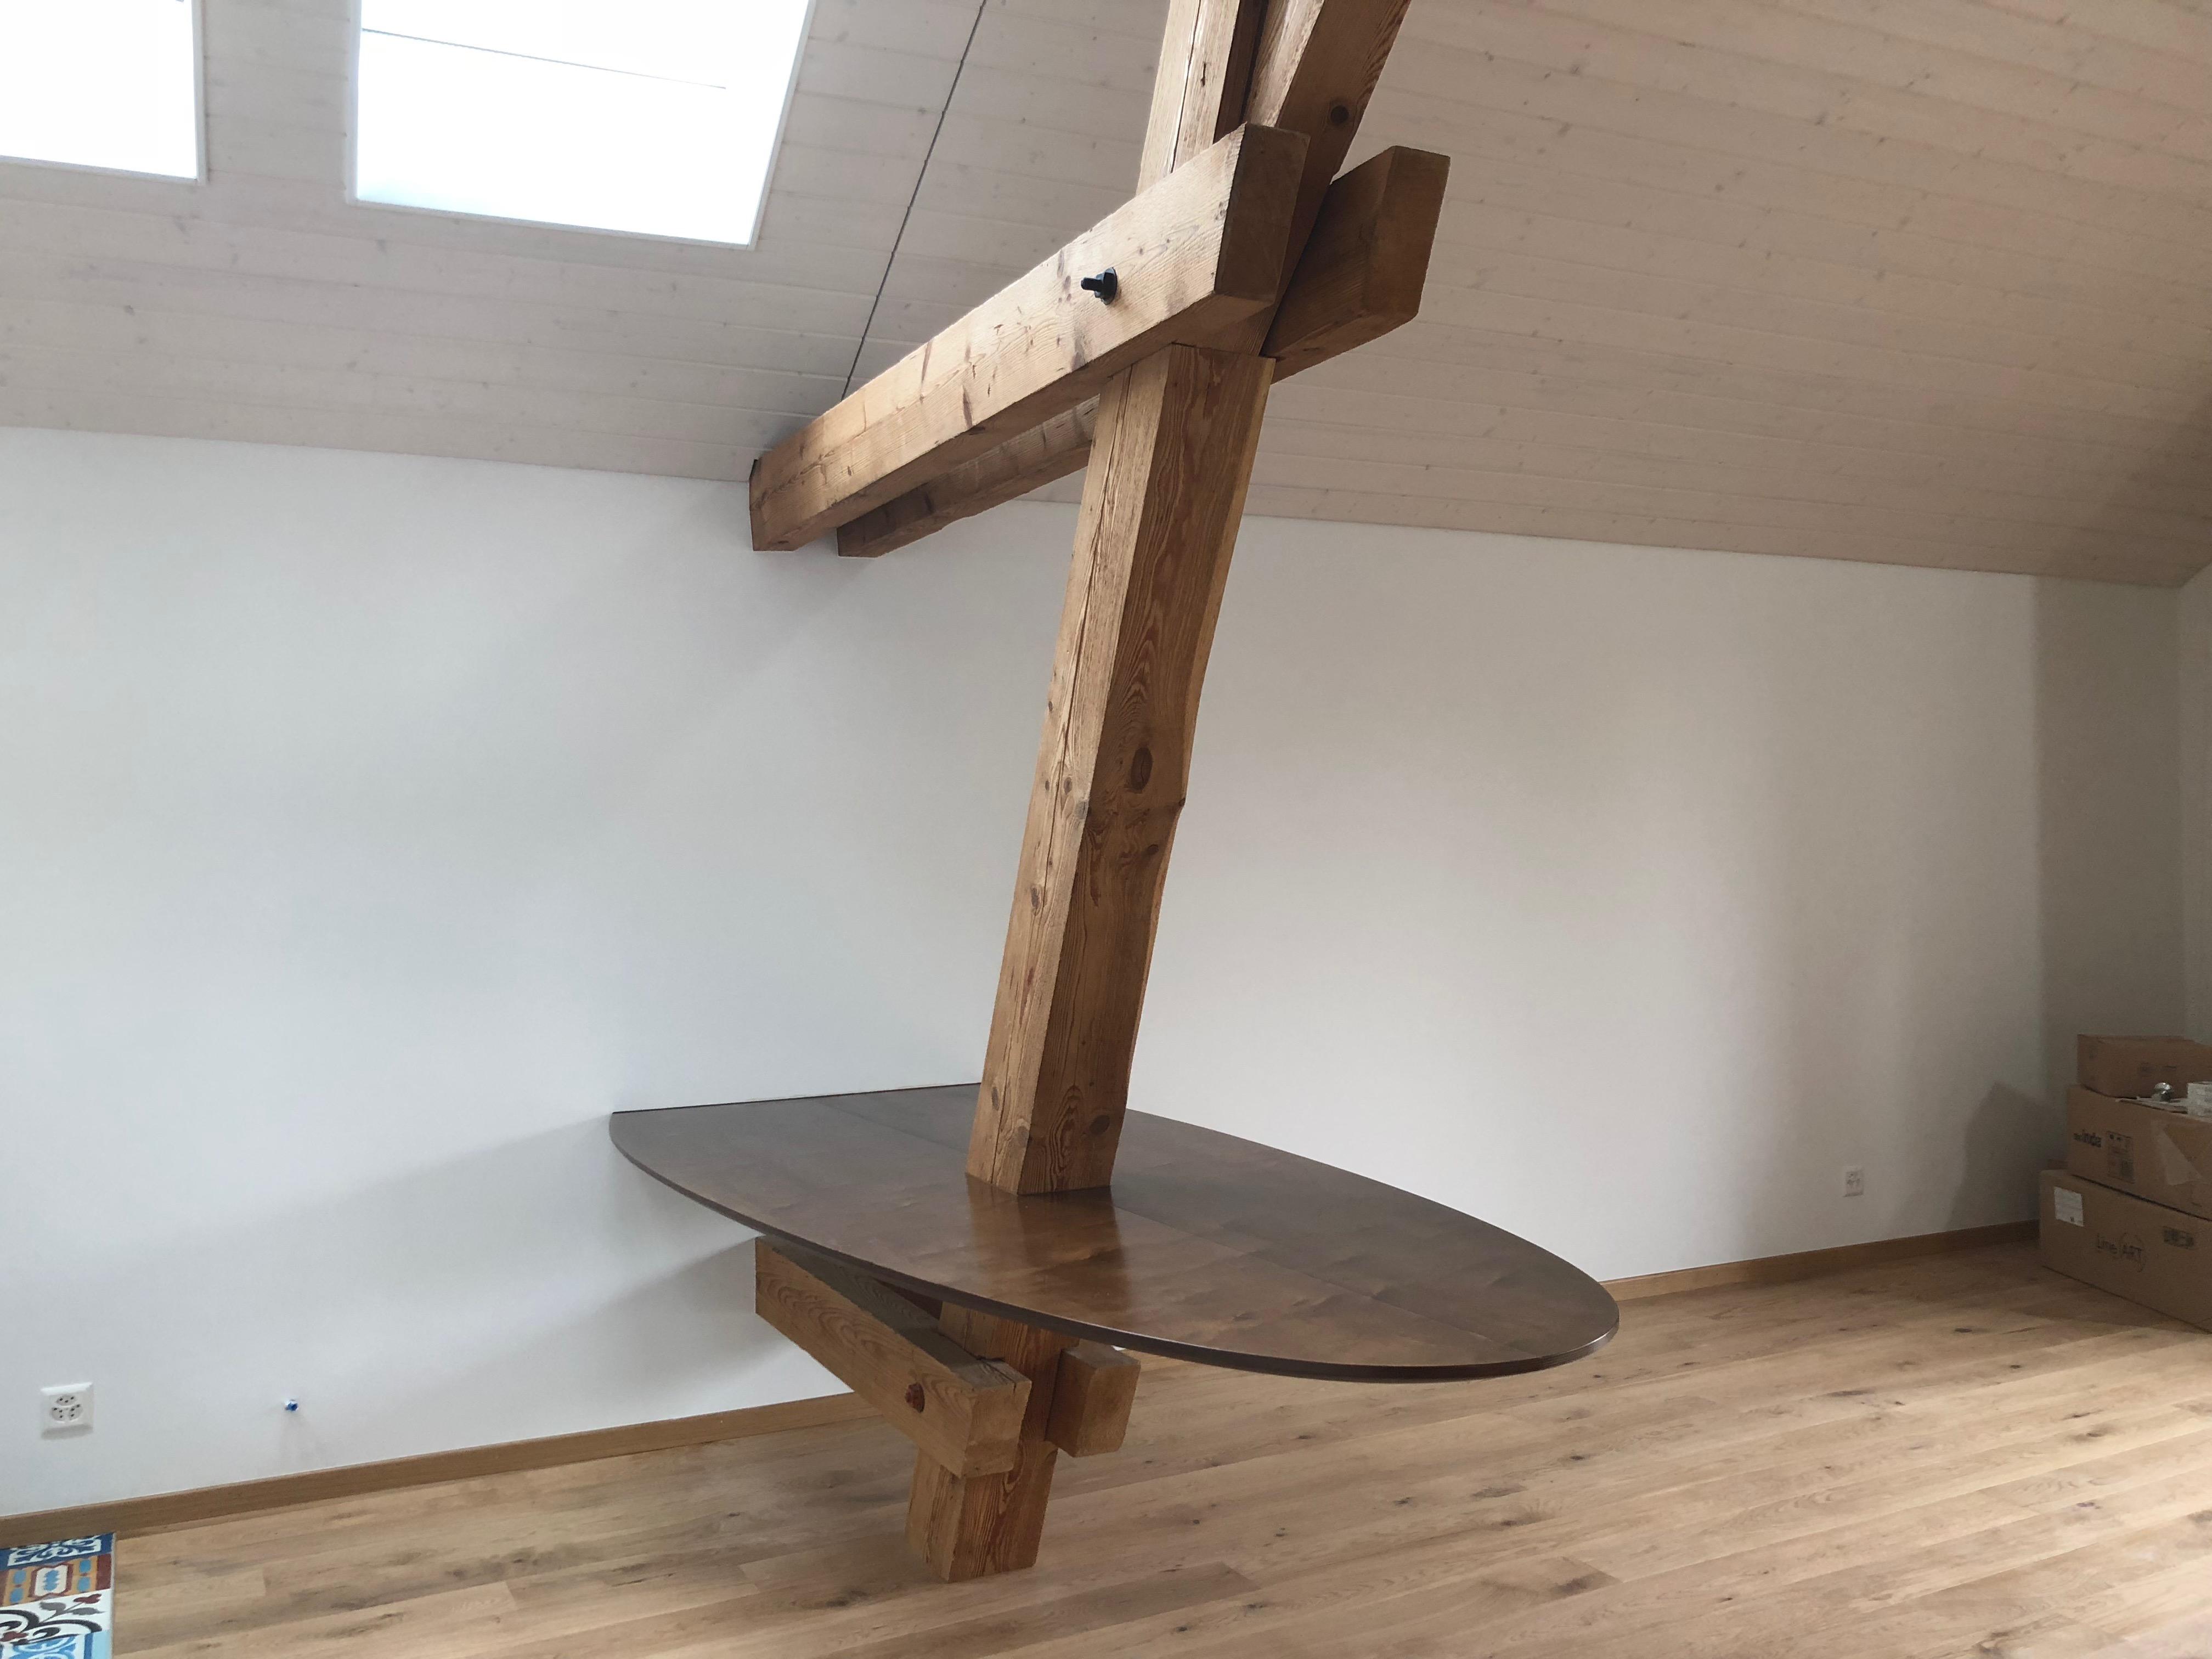 Une table de 2.5/1.1m tenue uniquement par le mur et la charpente